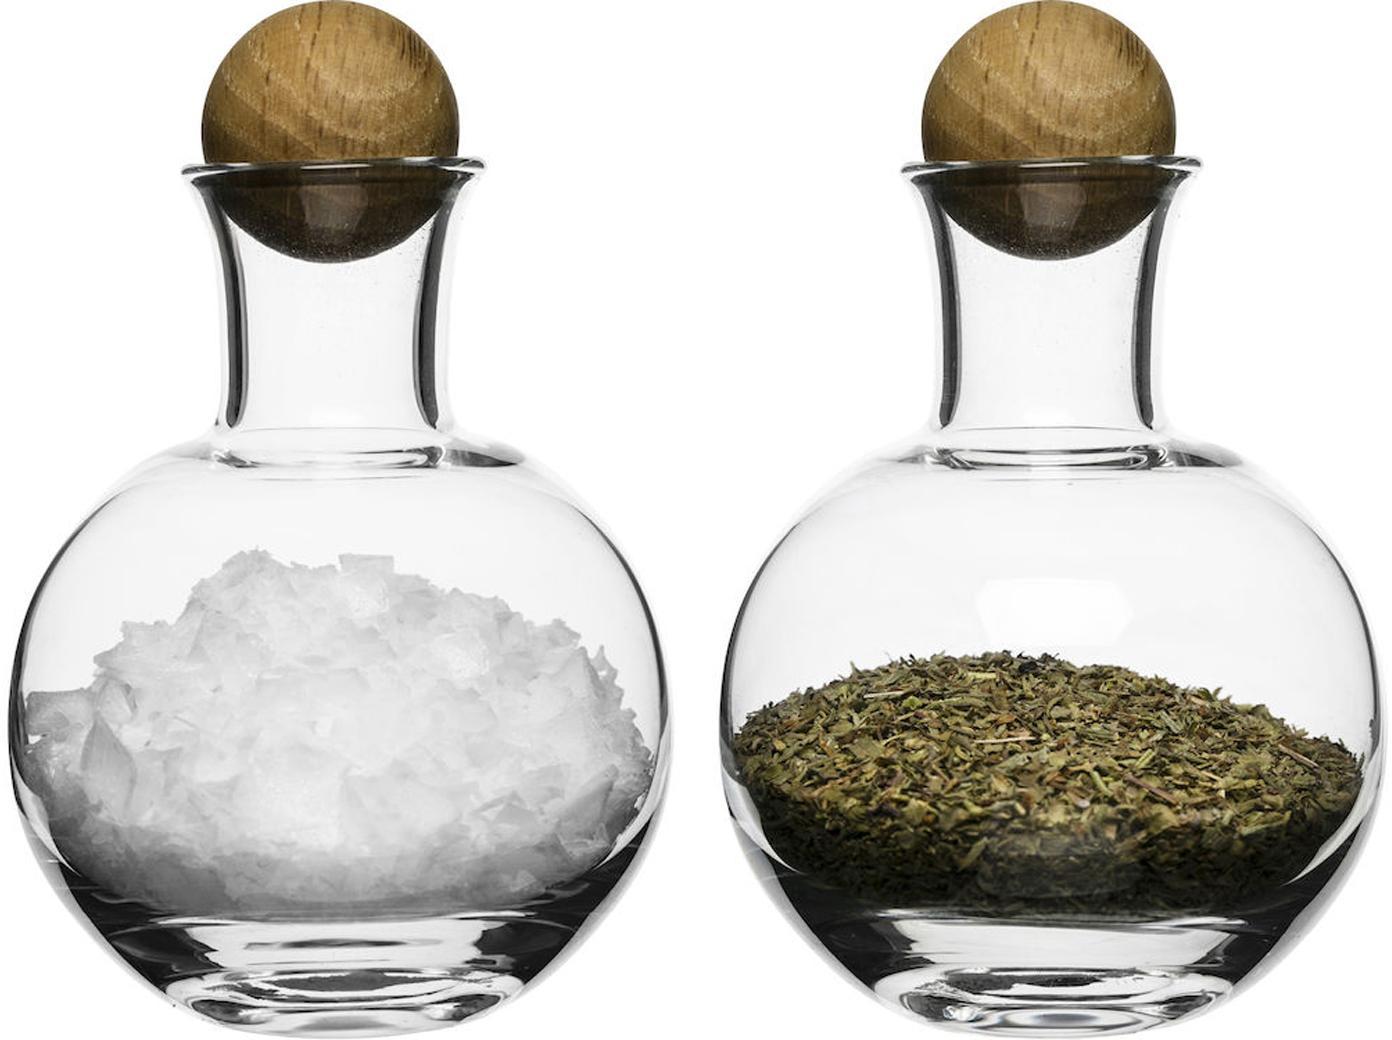 Mondgeblazen opbergpotten Eden met houten dop, 2 stuks, Mondgeblazen glas, Transparent, eikenhoutkleurig, Ø 10 x H 10 cm